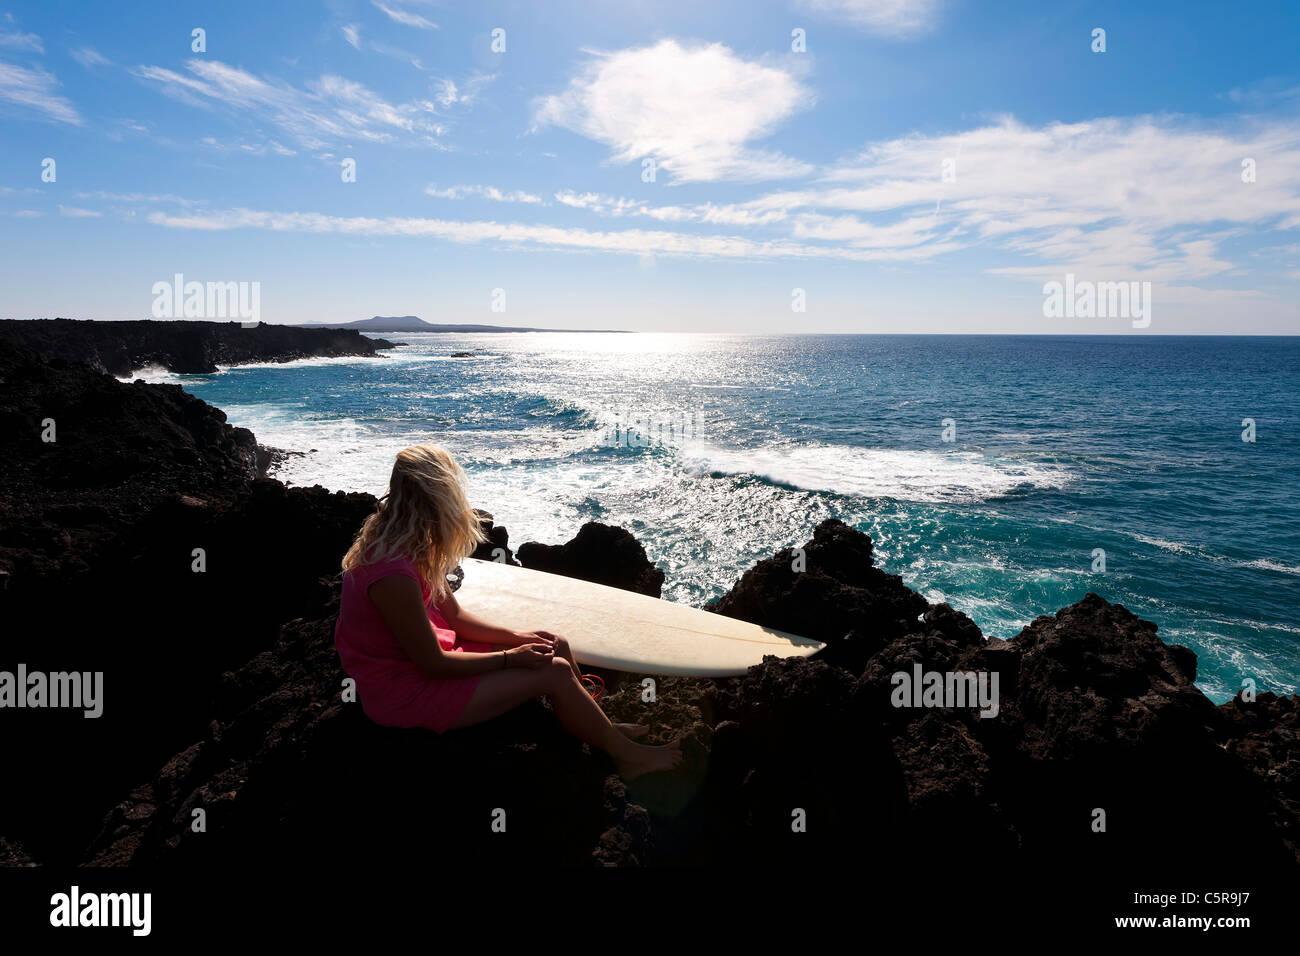 Eine Surfer einen Blick auf den Ozean. Stockbild